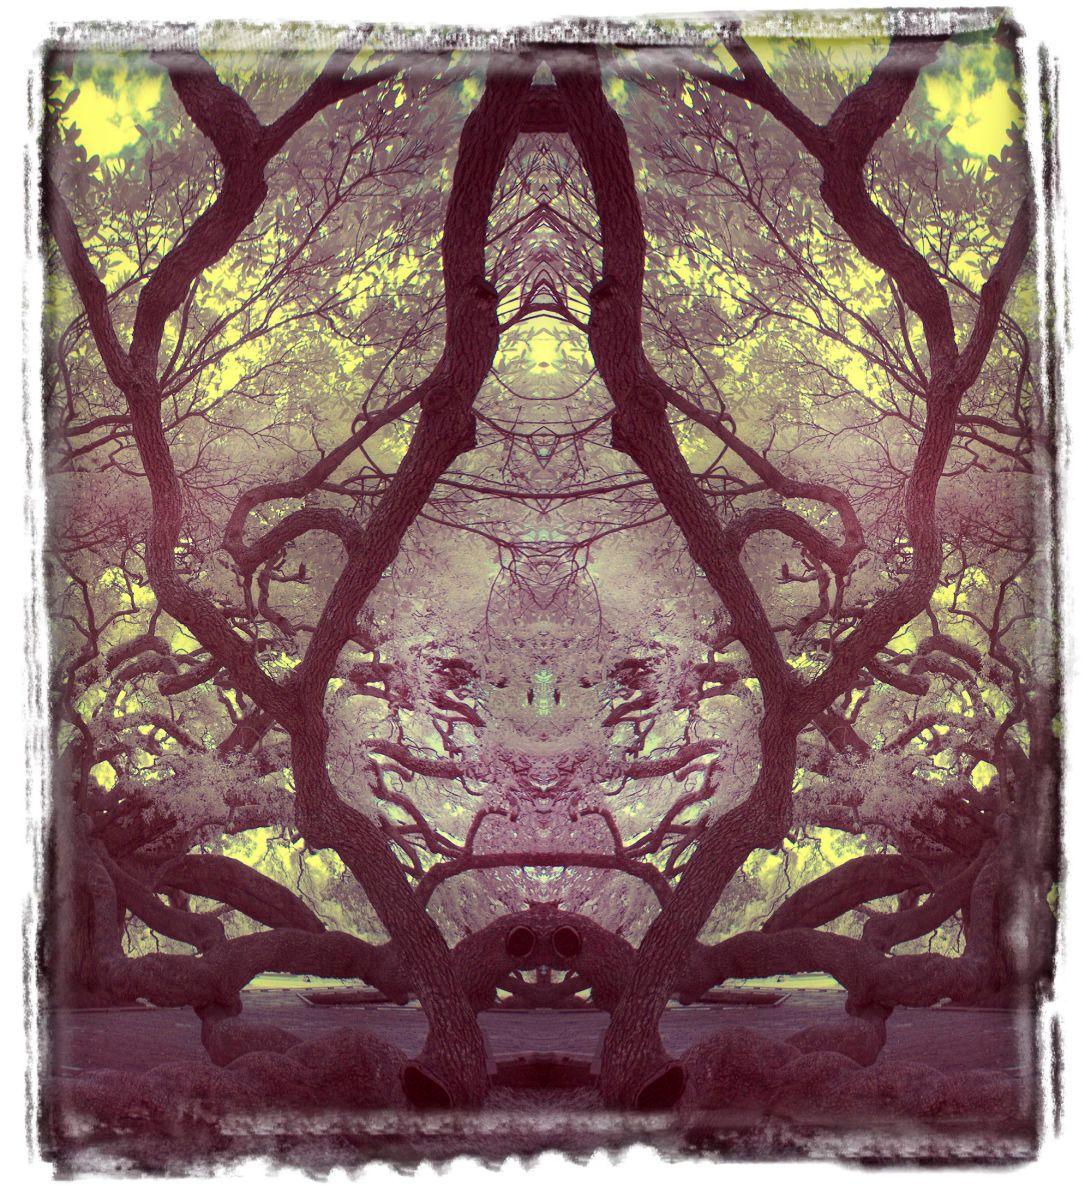 treaty oak, fl'12 3647a